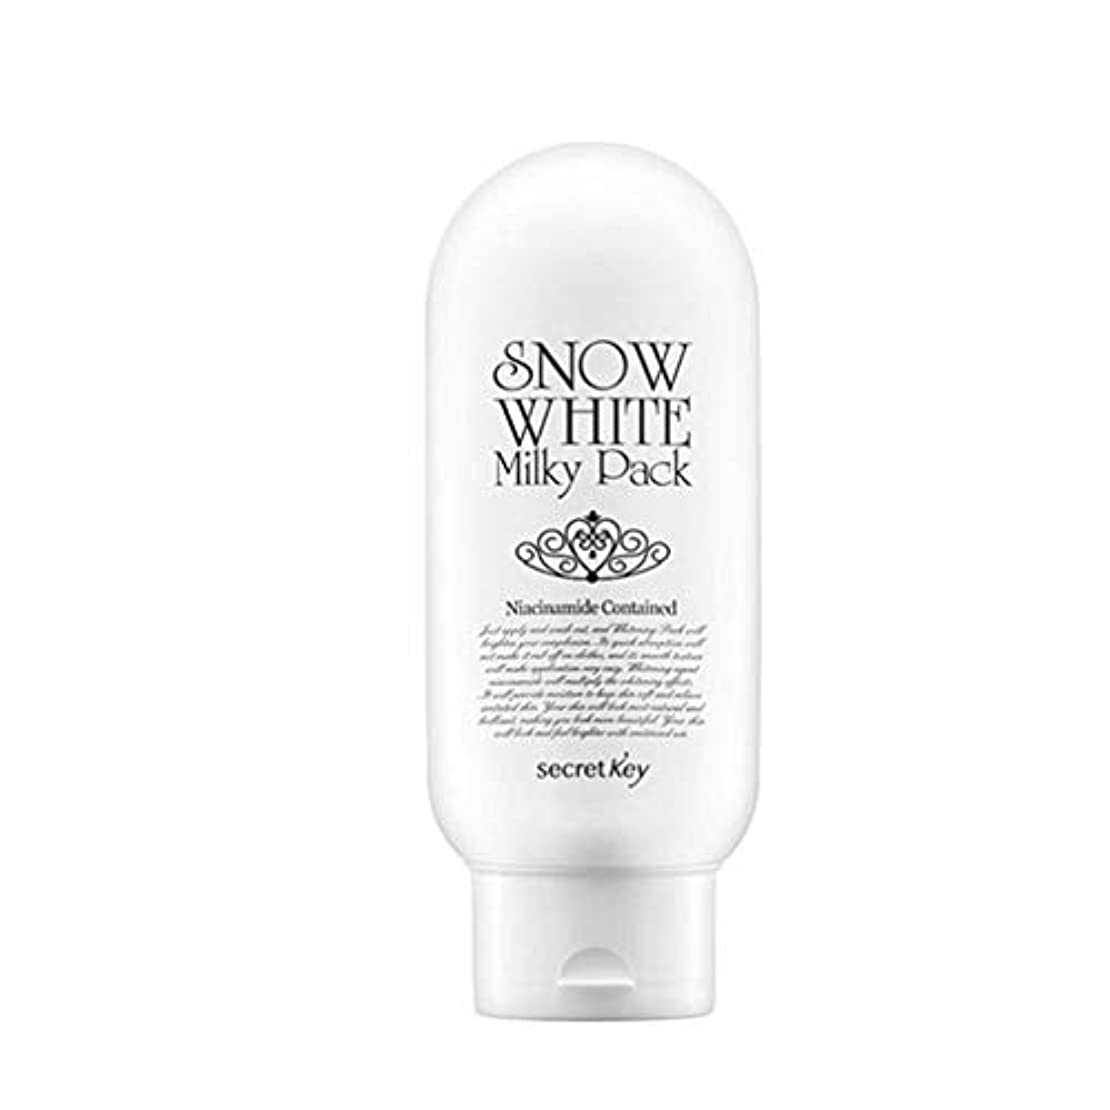 短命月曜三角形シークレットキースノーホワイトミルキーパック200g韓国コスメ、Secret Key Snow White Milky Pack 200g Korean Cosmetics [並行輸入品]